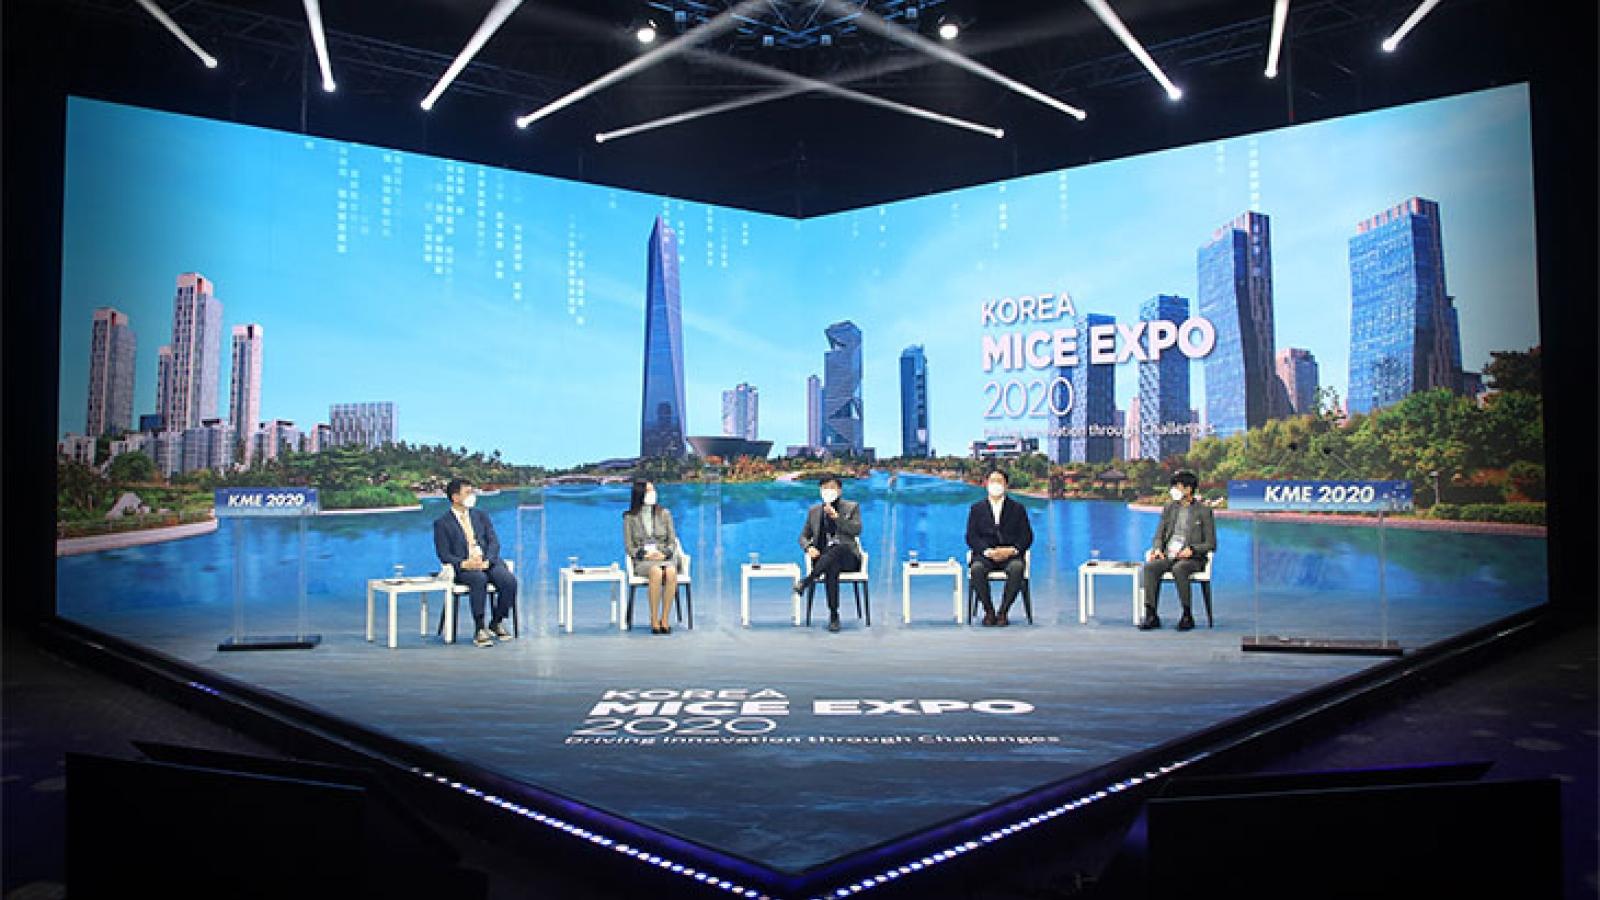 Hội chợ Du lịch MICE Hàn Quốc (KME2021) diễn ra từ 29/6 đến 2/7